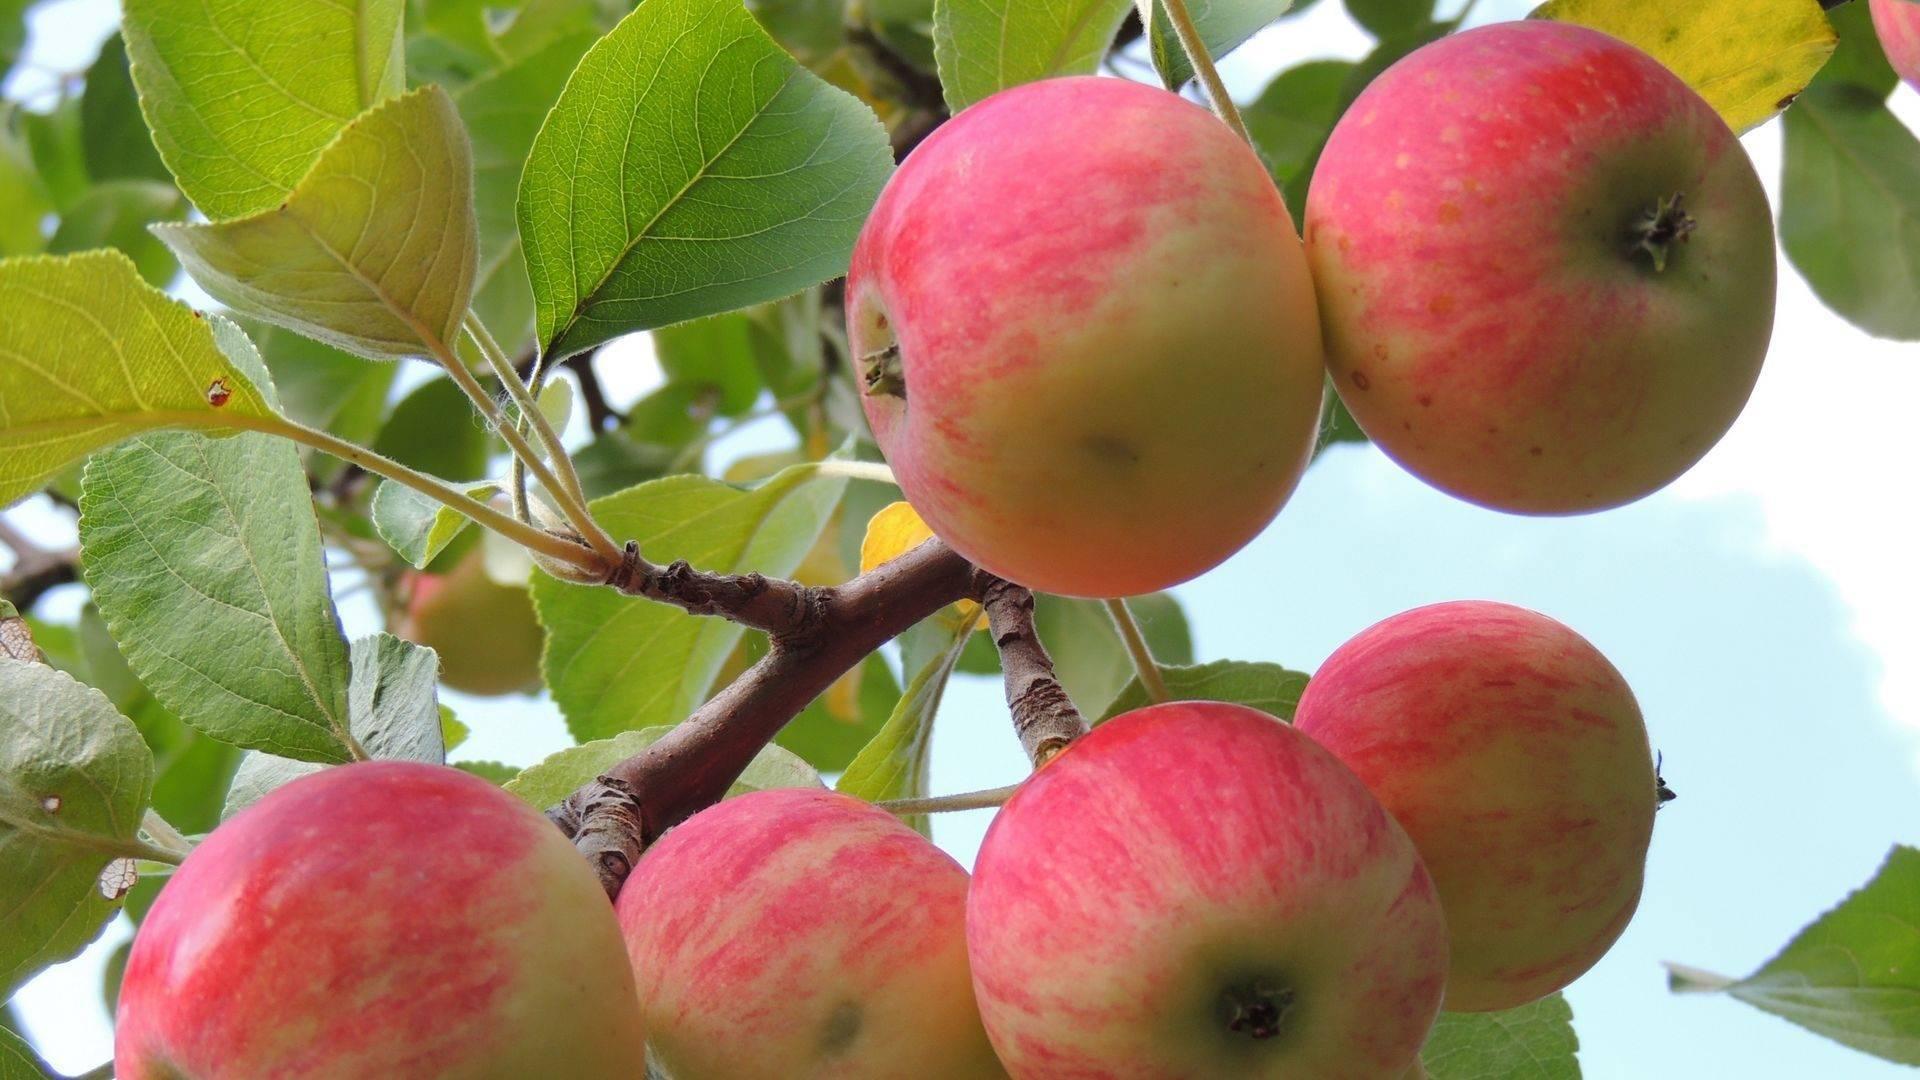 источников, сорт яблони оранжевое фото и описание сорта неравнодушна